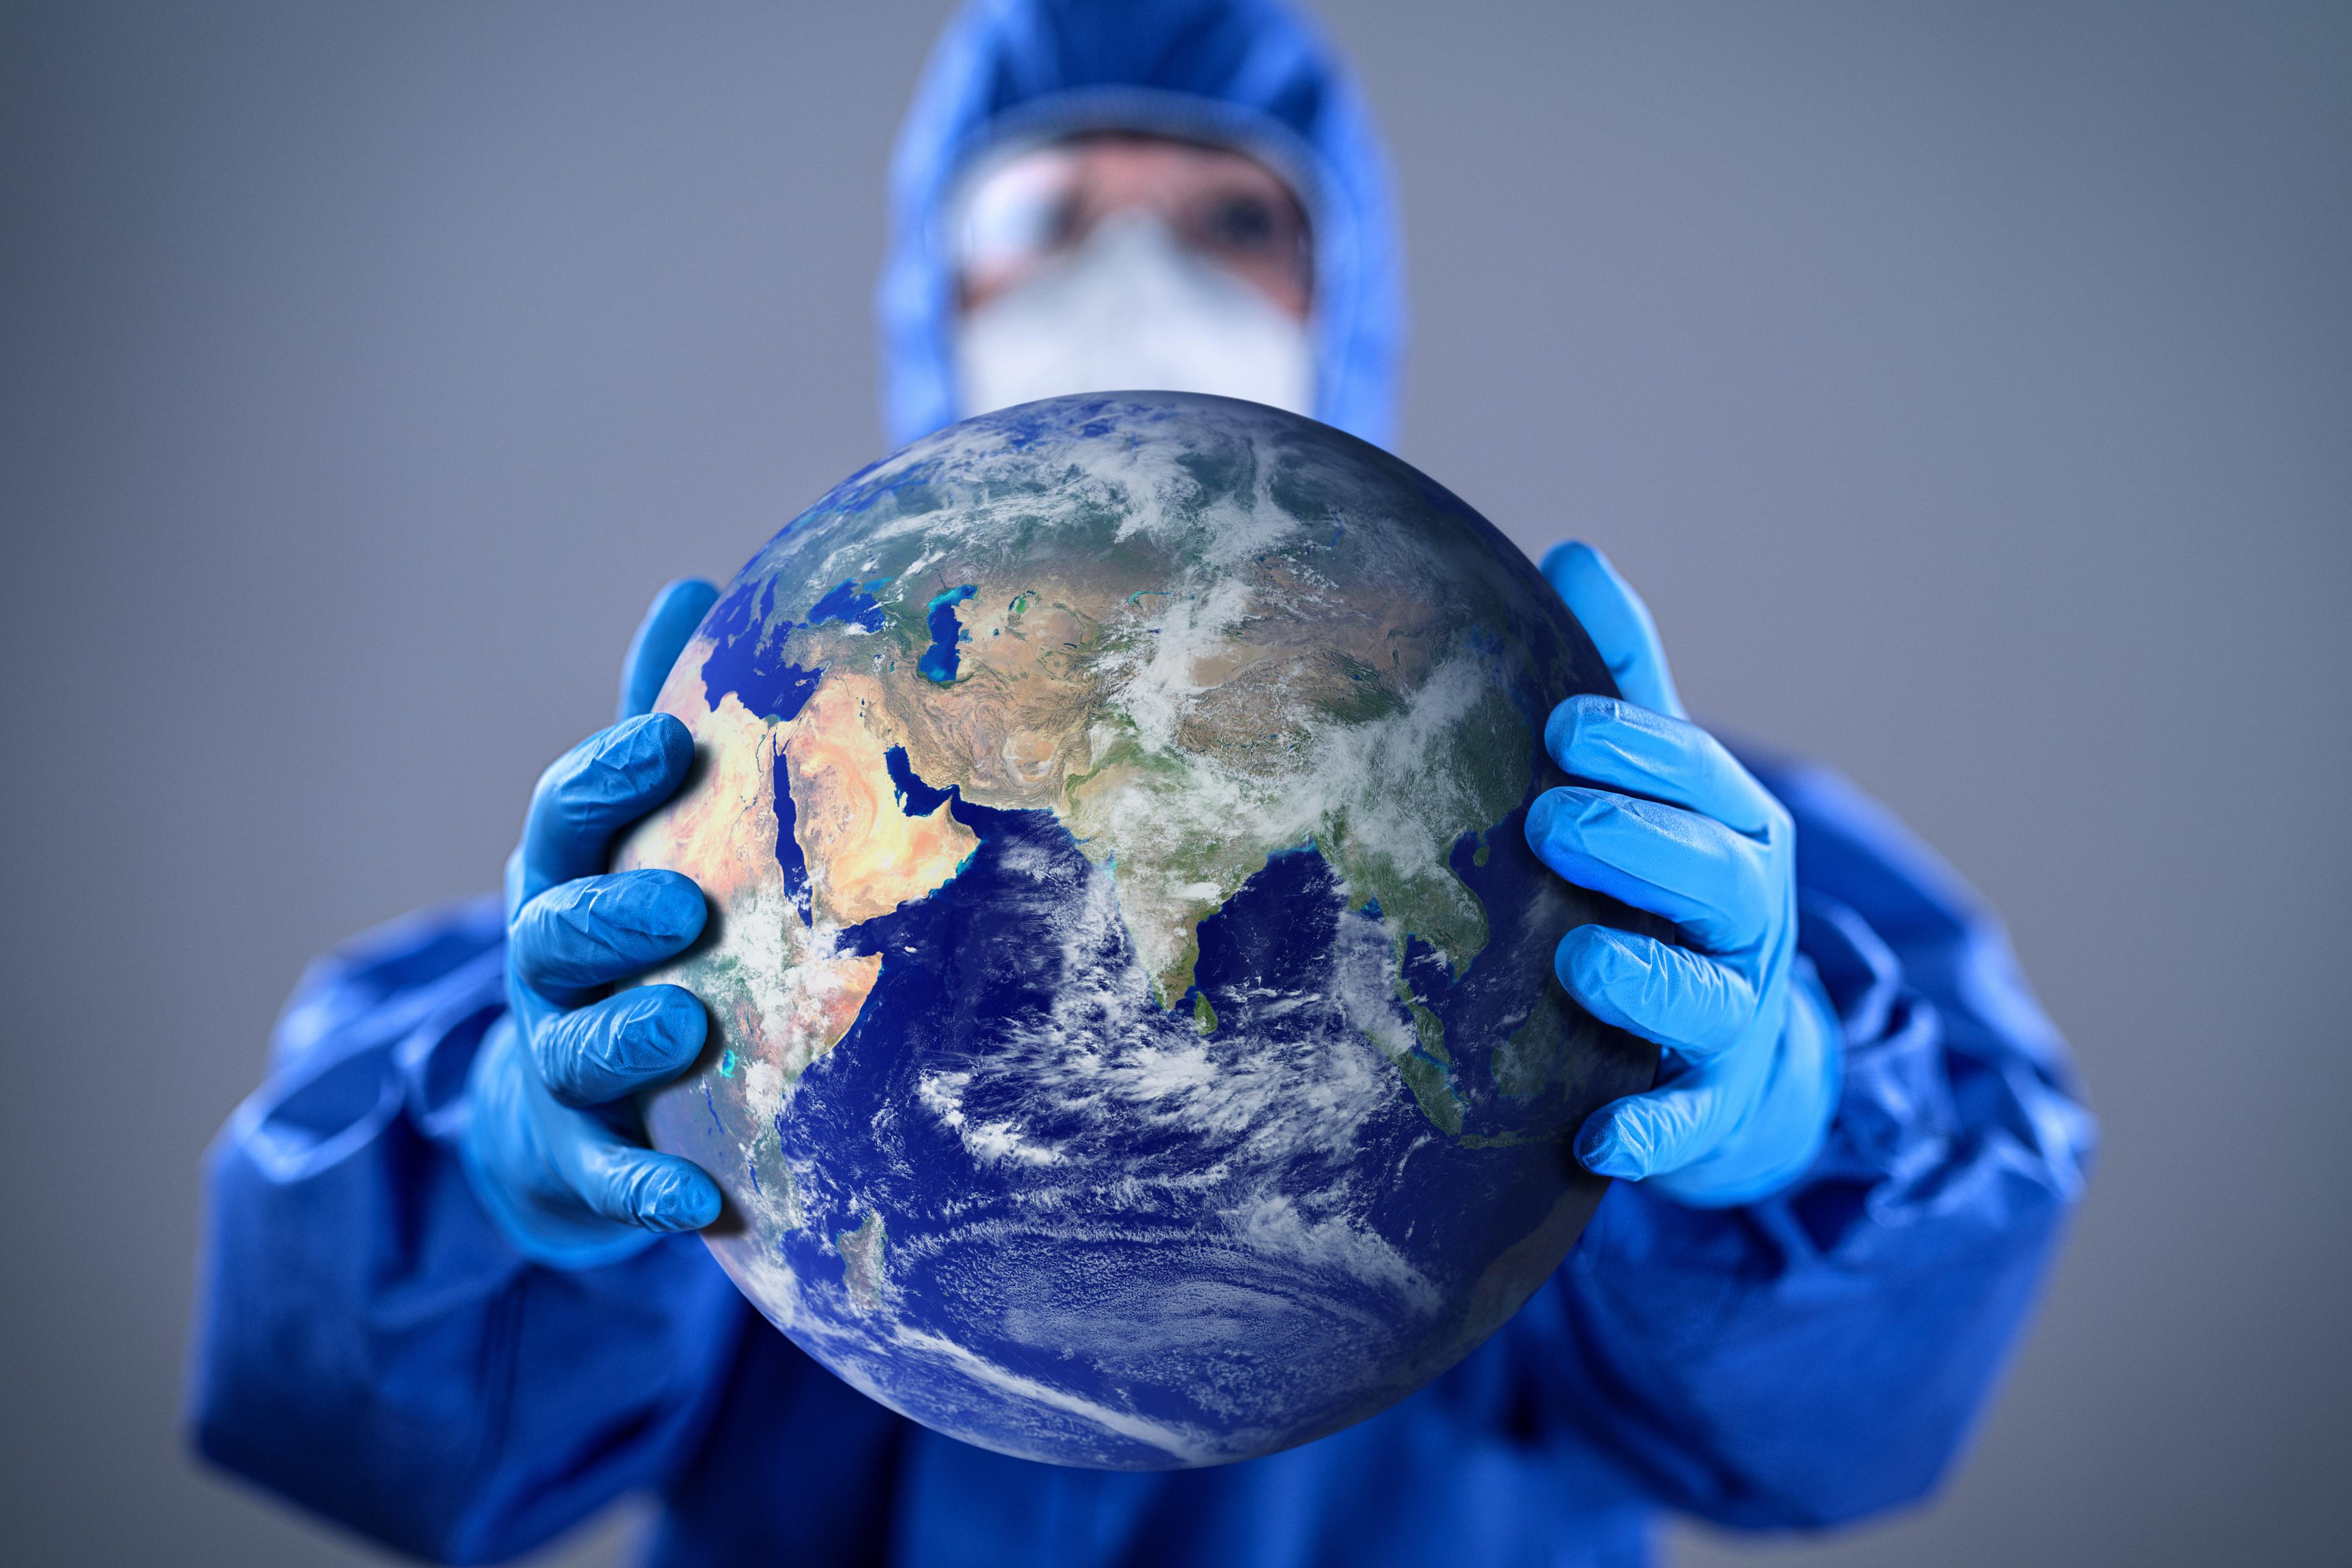 آمار کرونا در جهان تا ۲۲ شهریور+ اینفوگرافی